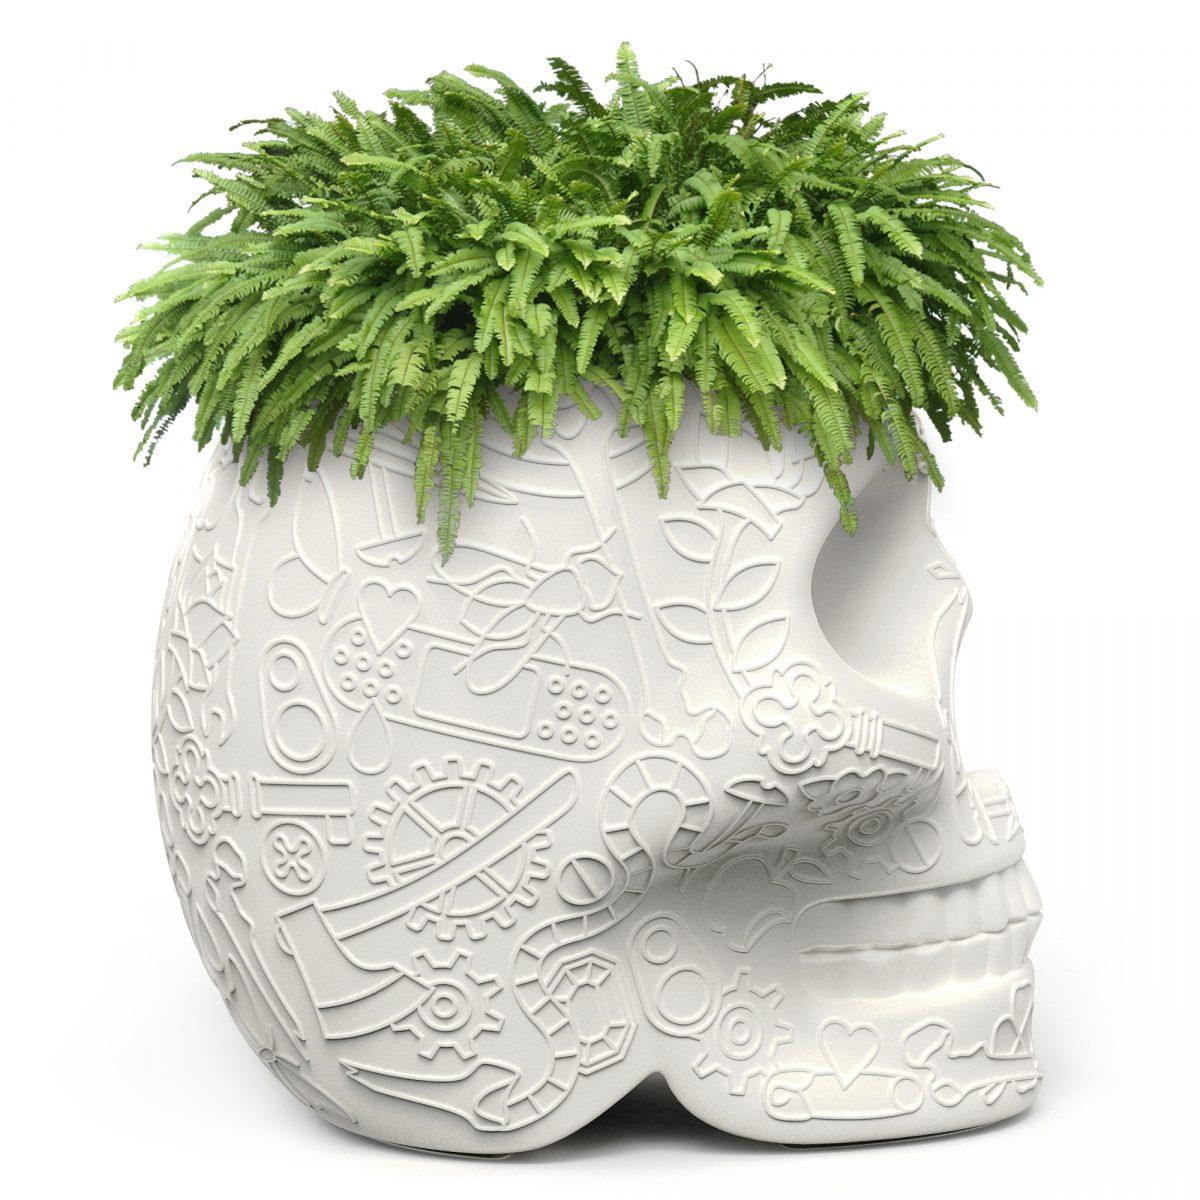 Mexico planter & cooler